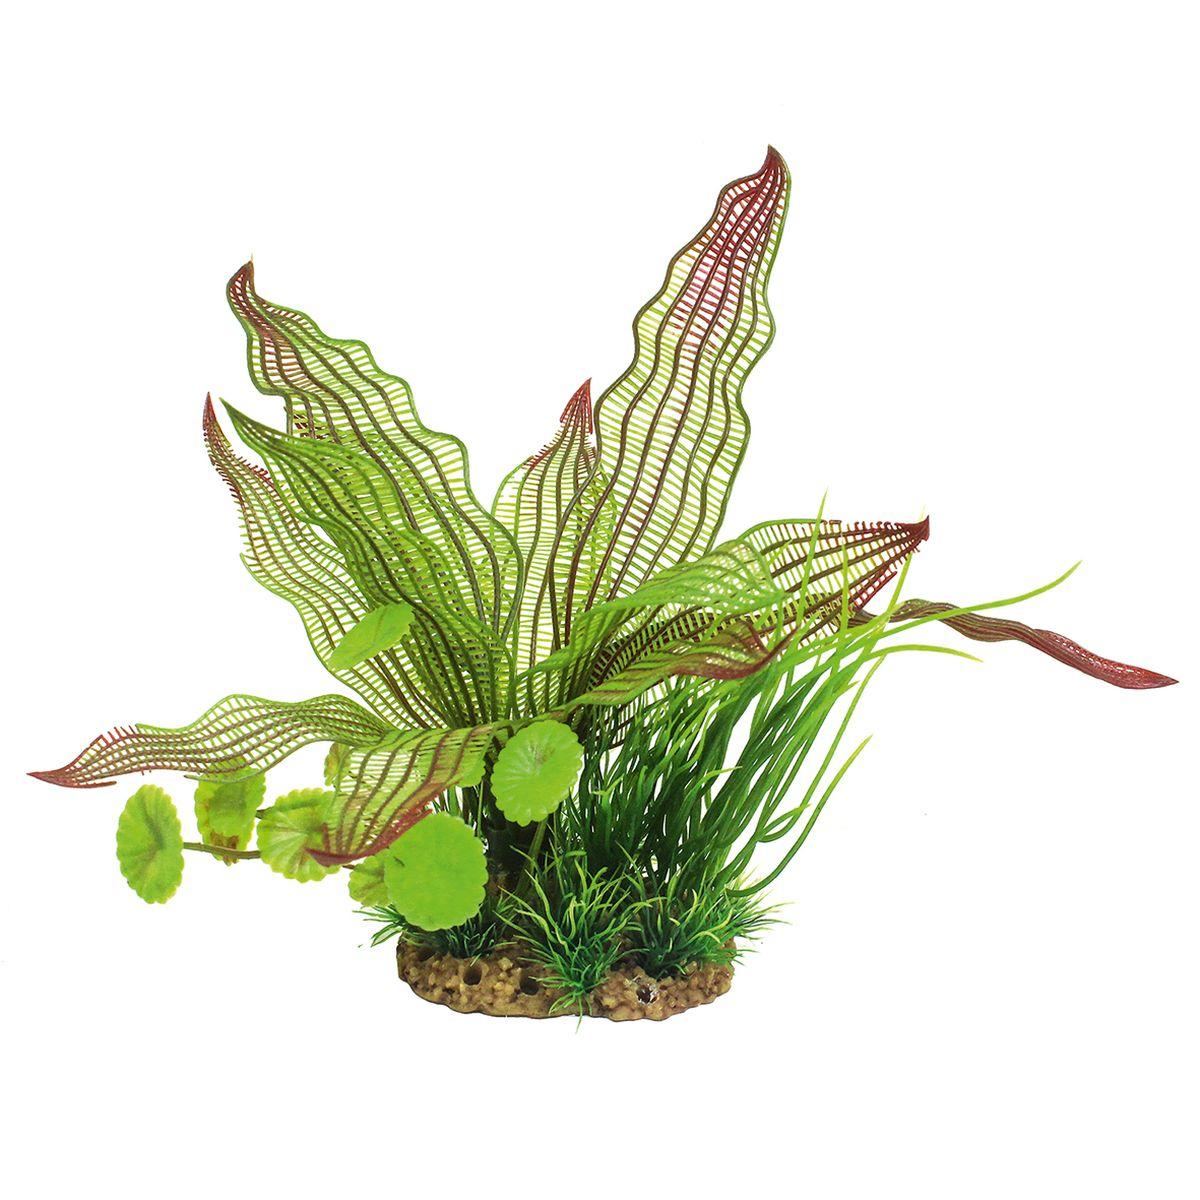 Растение для аквариума ArtUniq Апоногетон мадагаскарский, высота 20 смART-1160211Растение для аквариума ArtUniq Апоногетон мадагаскарский, высота 20 см